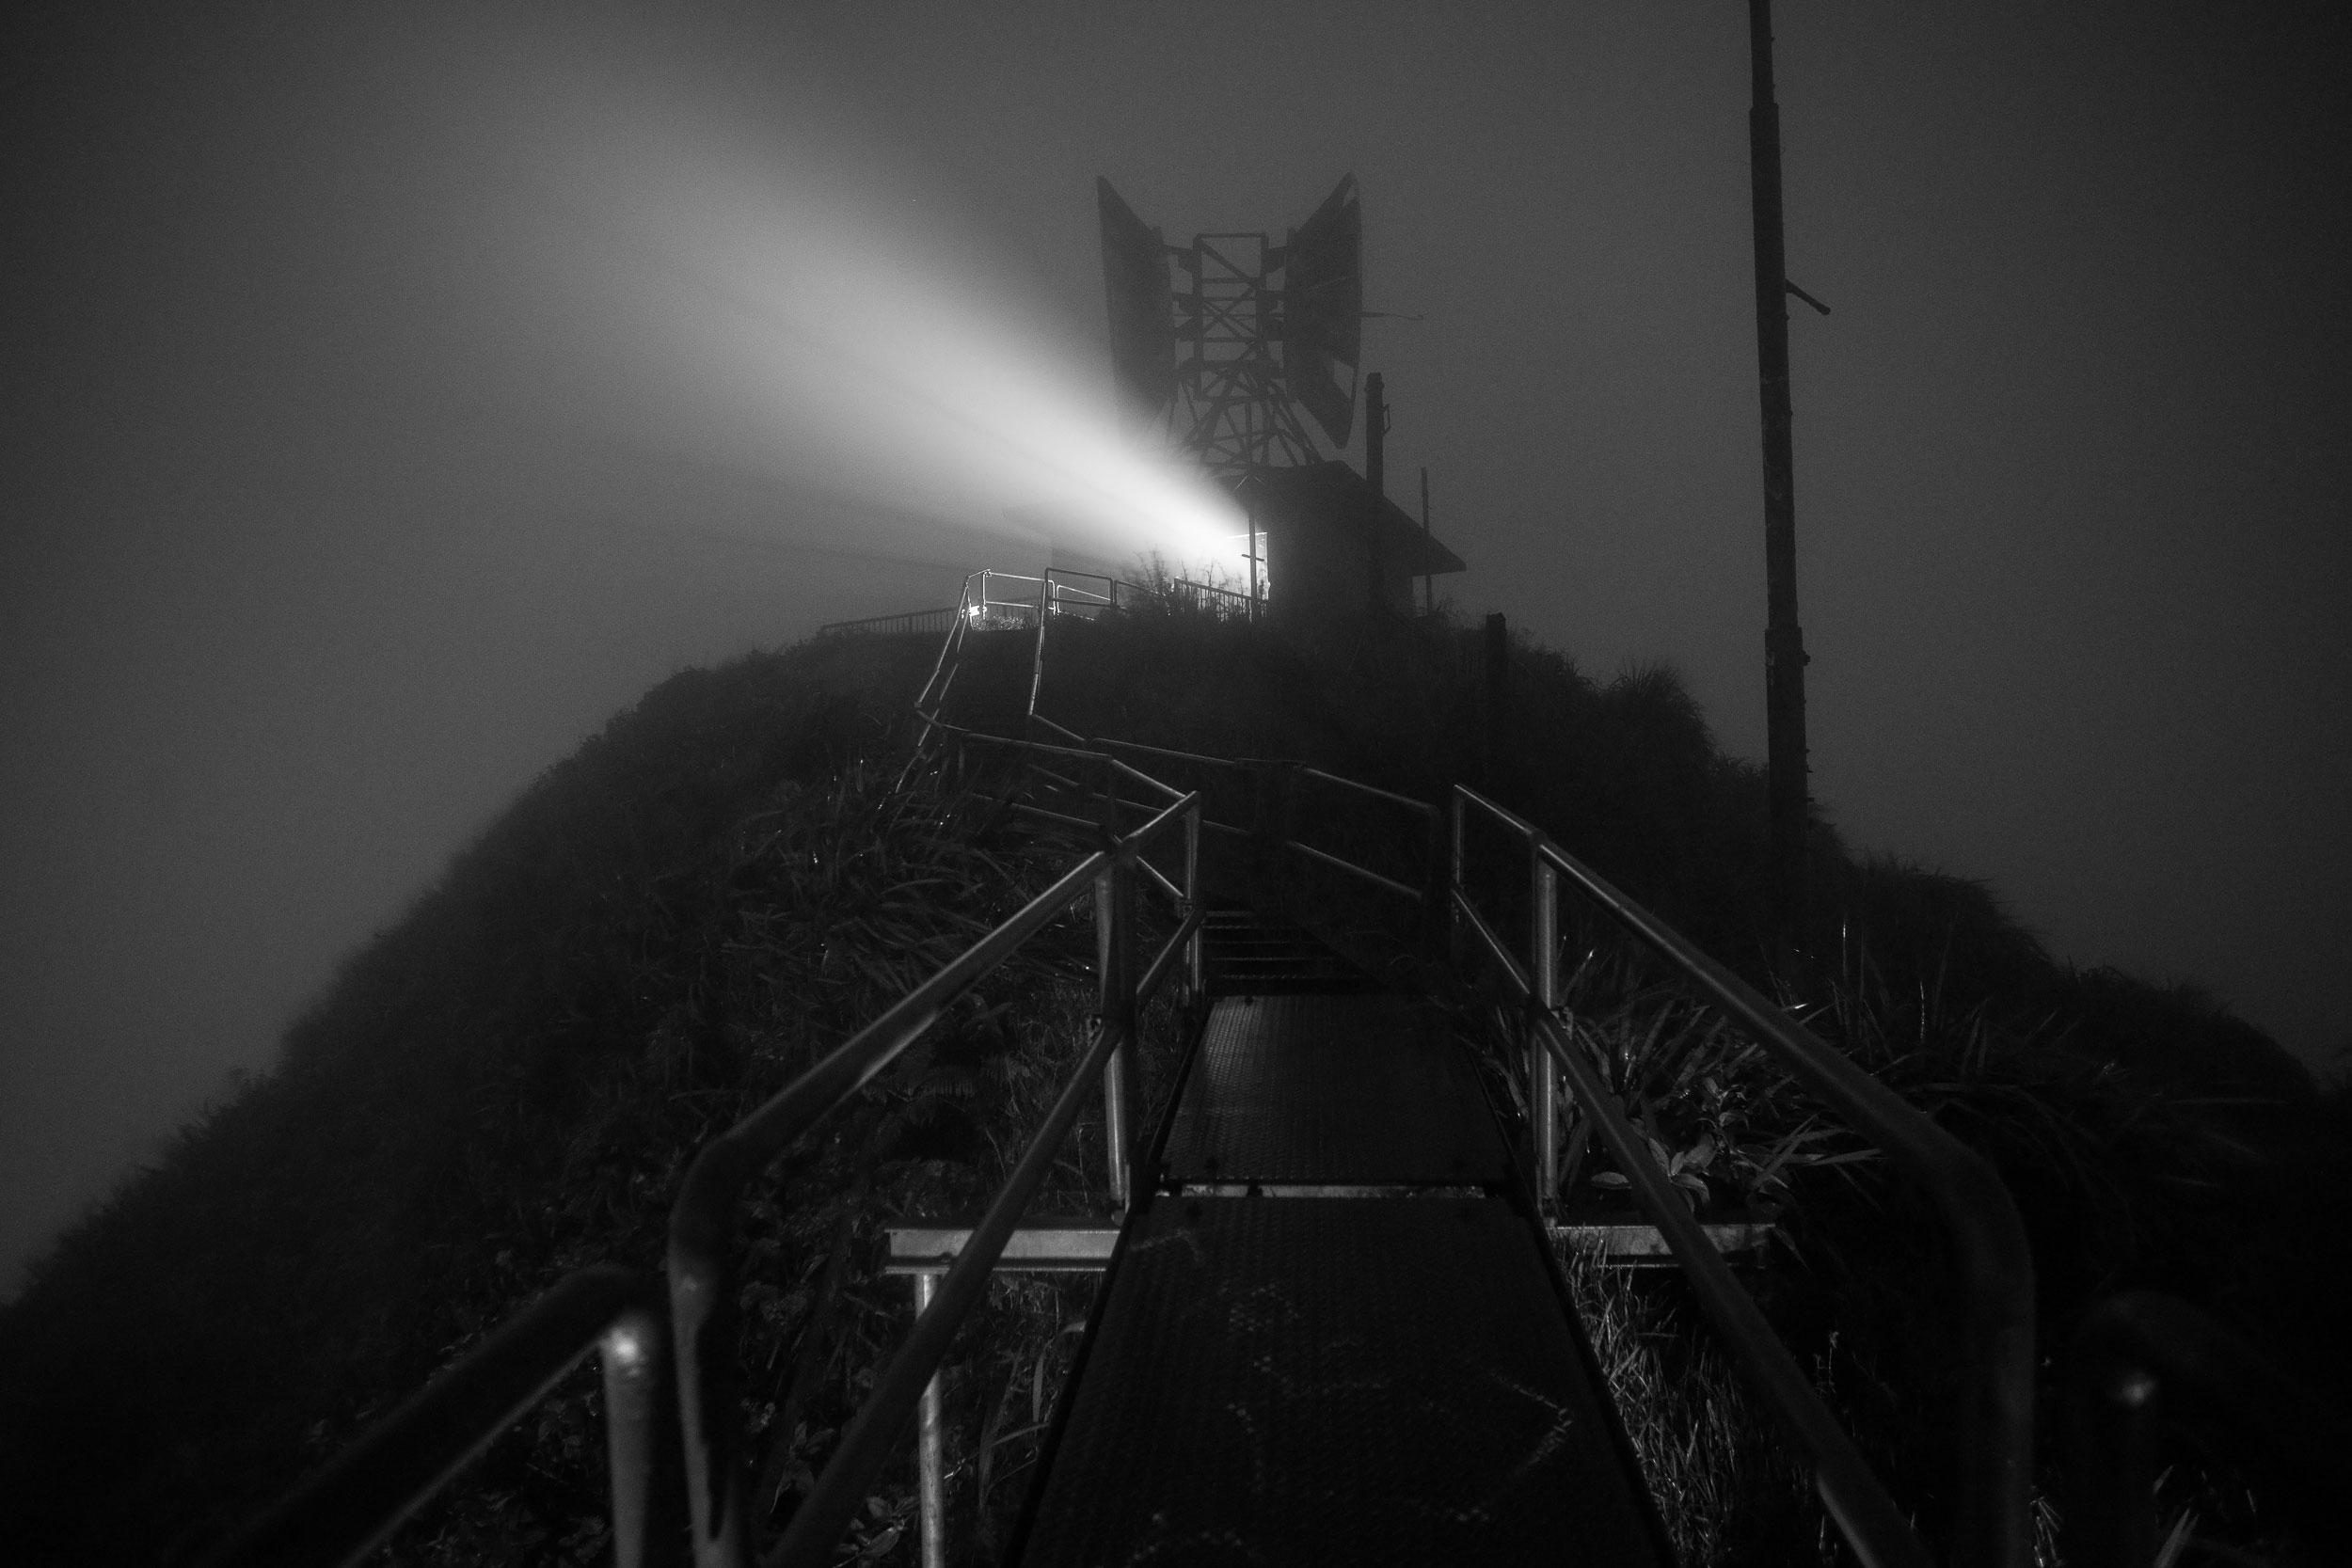 SG_Stairway_to_Heaven.jpg